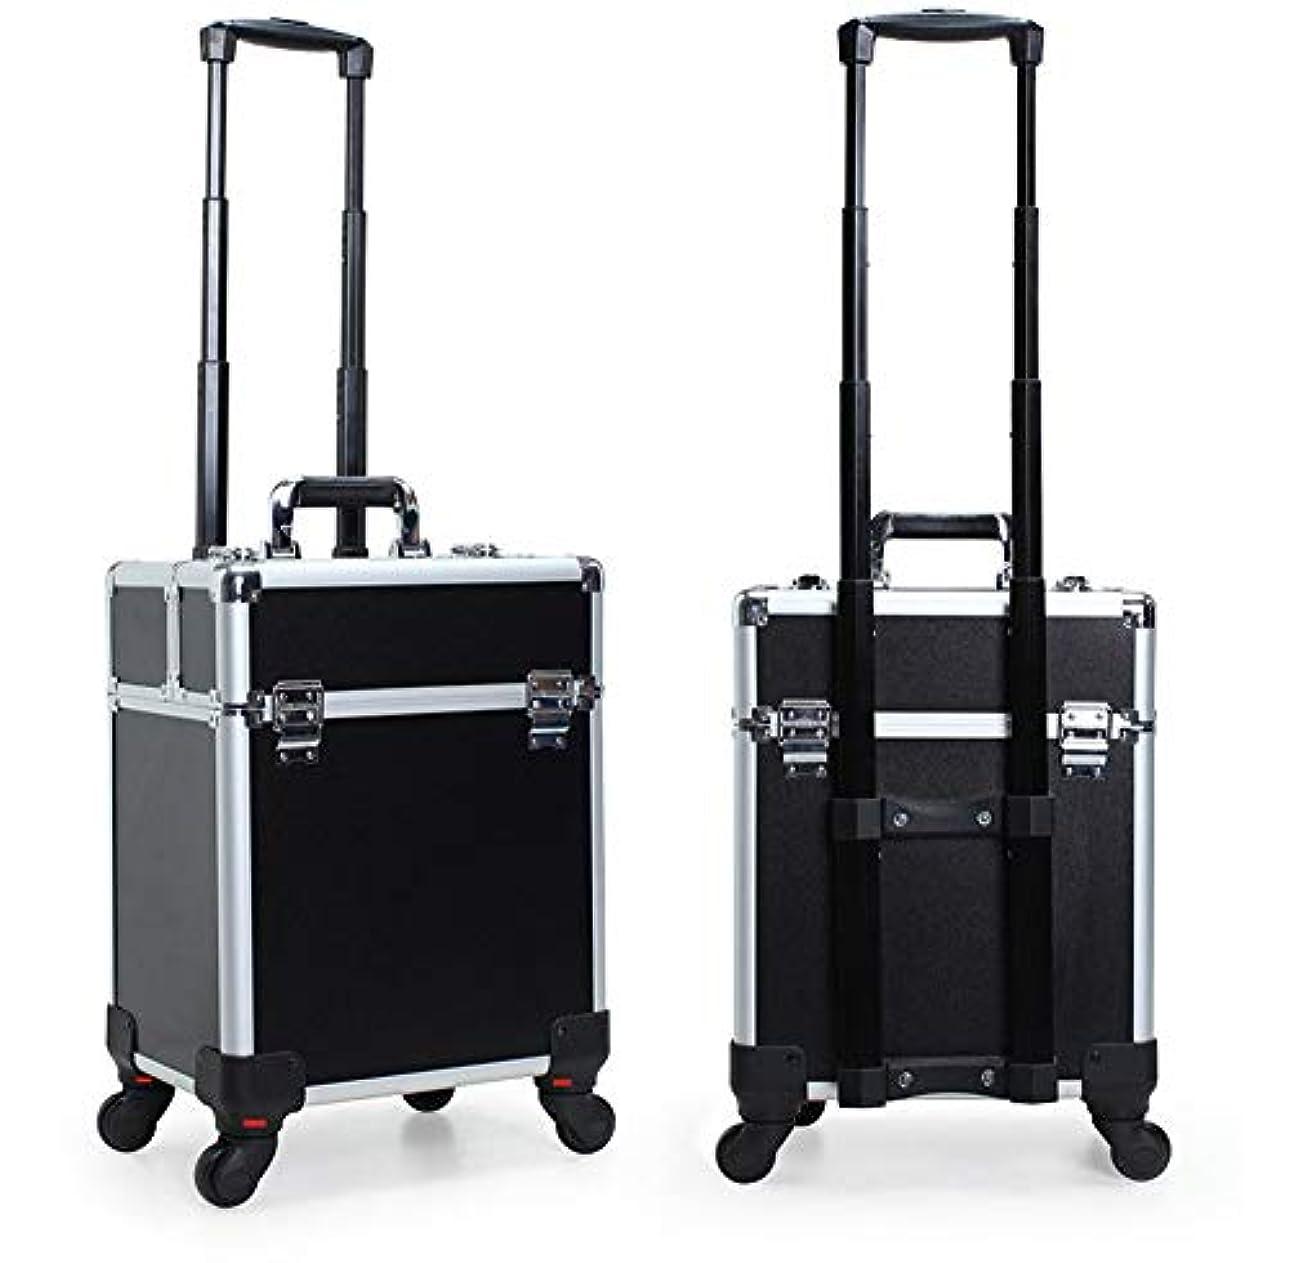 承知しました中計り知れないGOGOS コスメボックス 大容量 プロ仕様 メイクボックス スーツケース型 化粧品収納ボックス 4輪 キャスター付き アルミ製 出張 携帯 便利